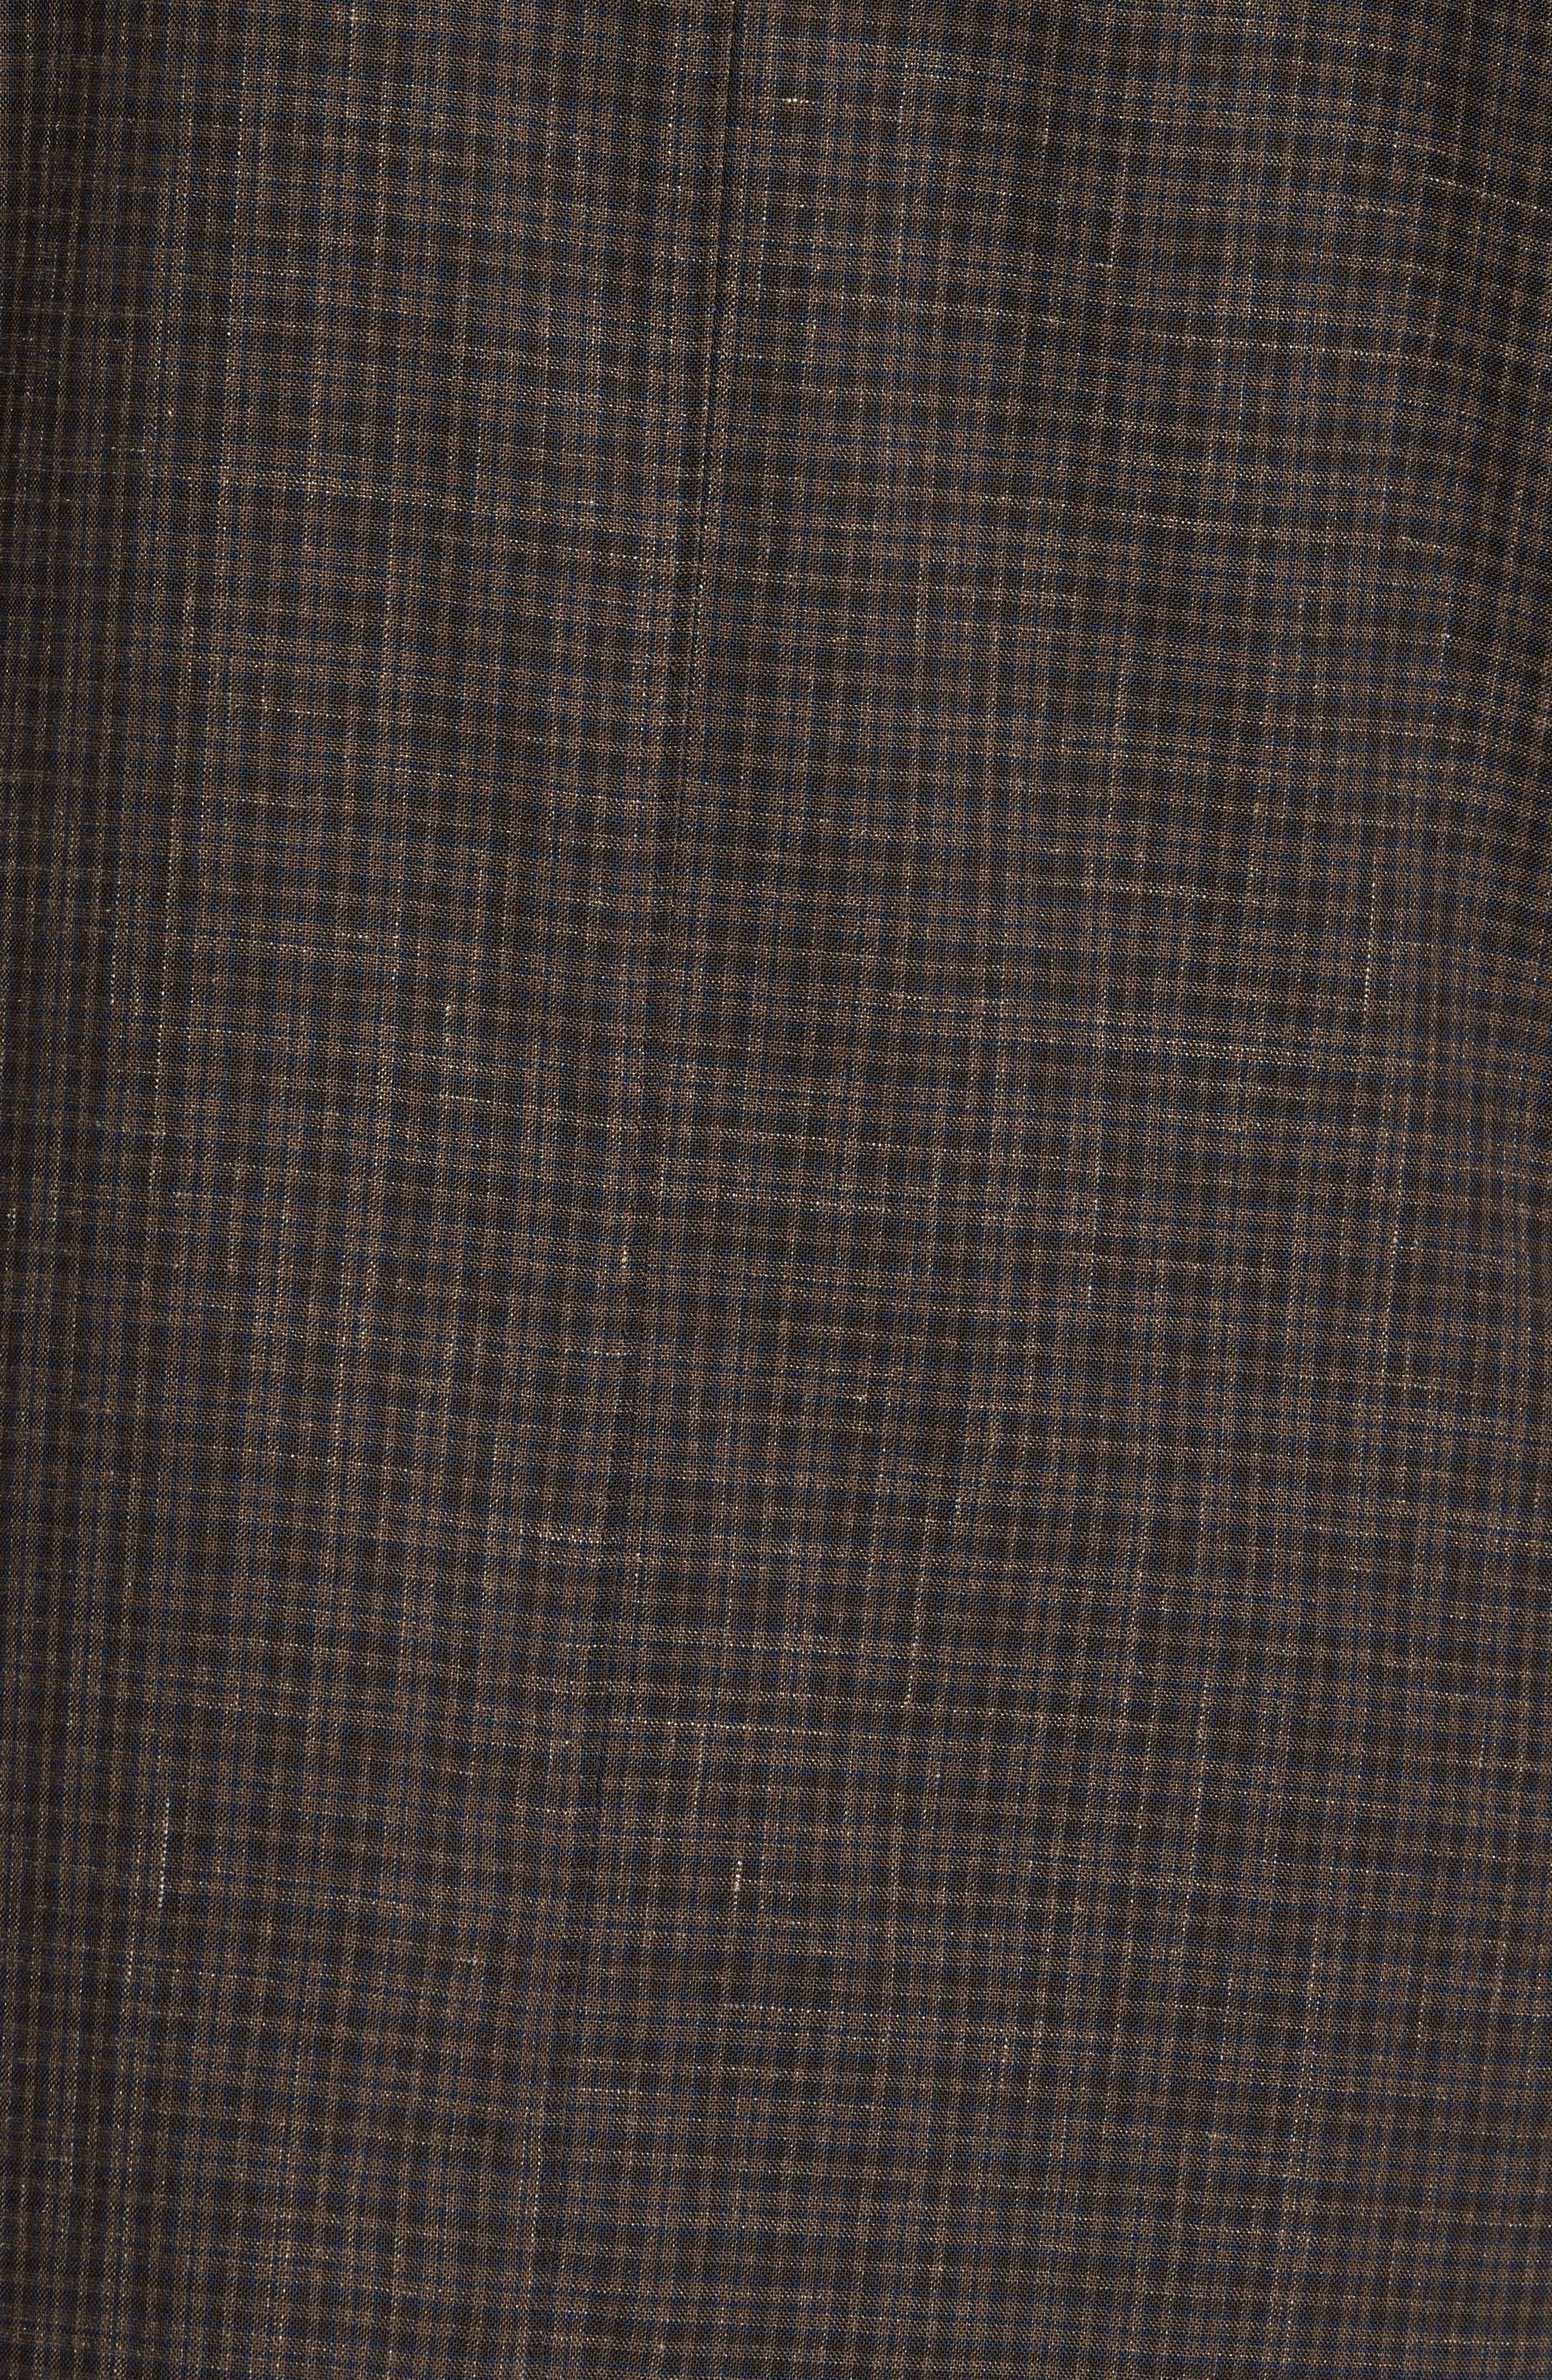 Trim Fit Check Wool & Linen Sport Coat,                             Alternate thumbnail 6, color,                             201